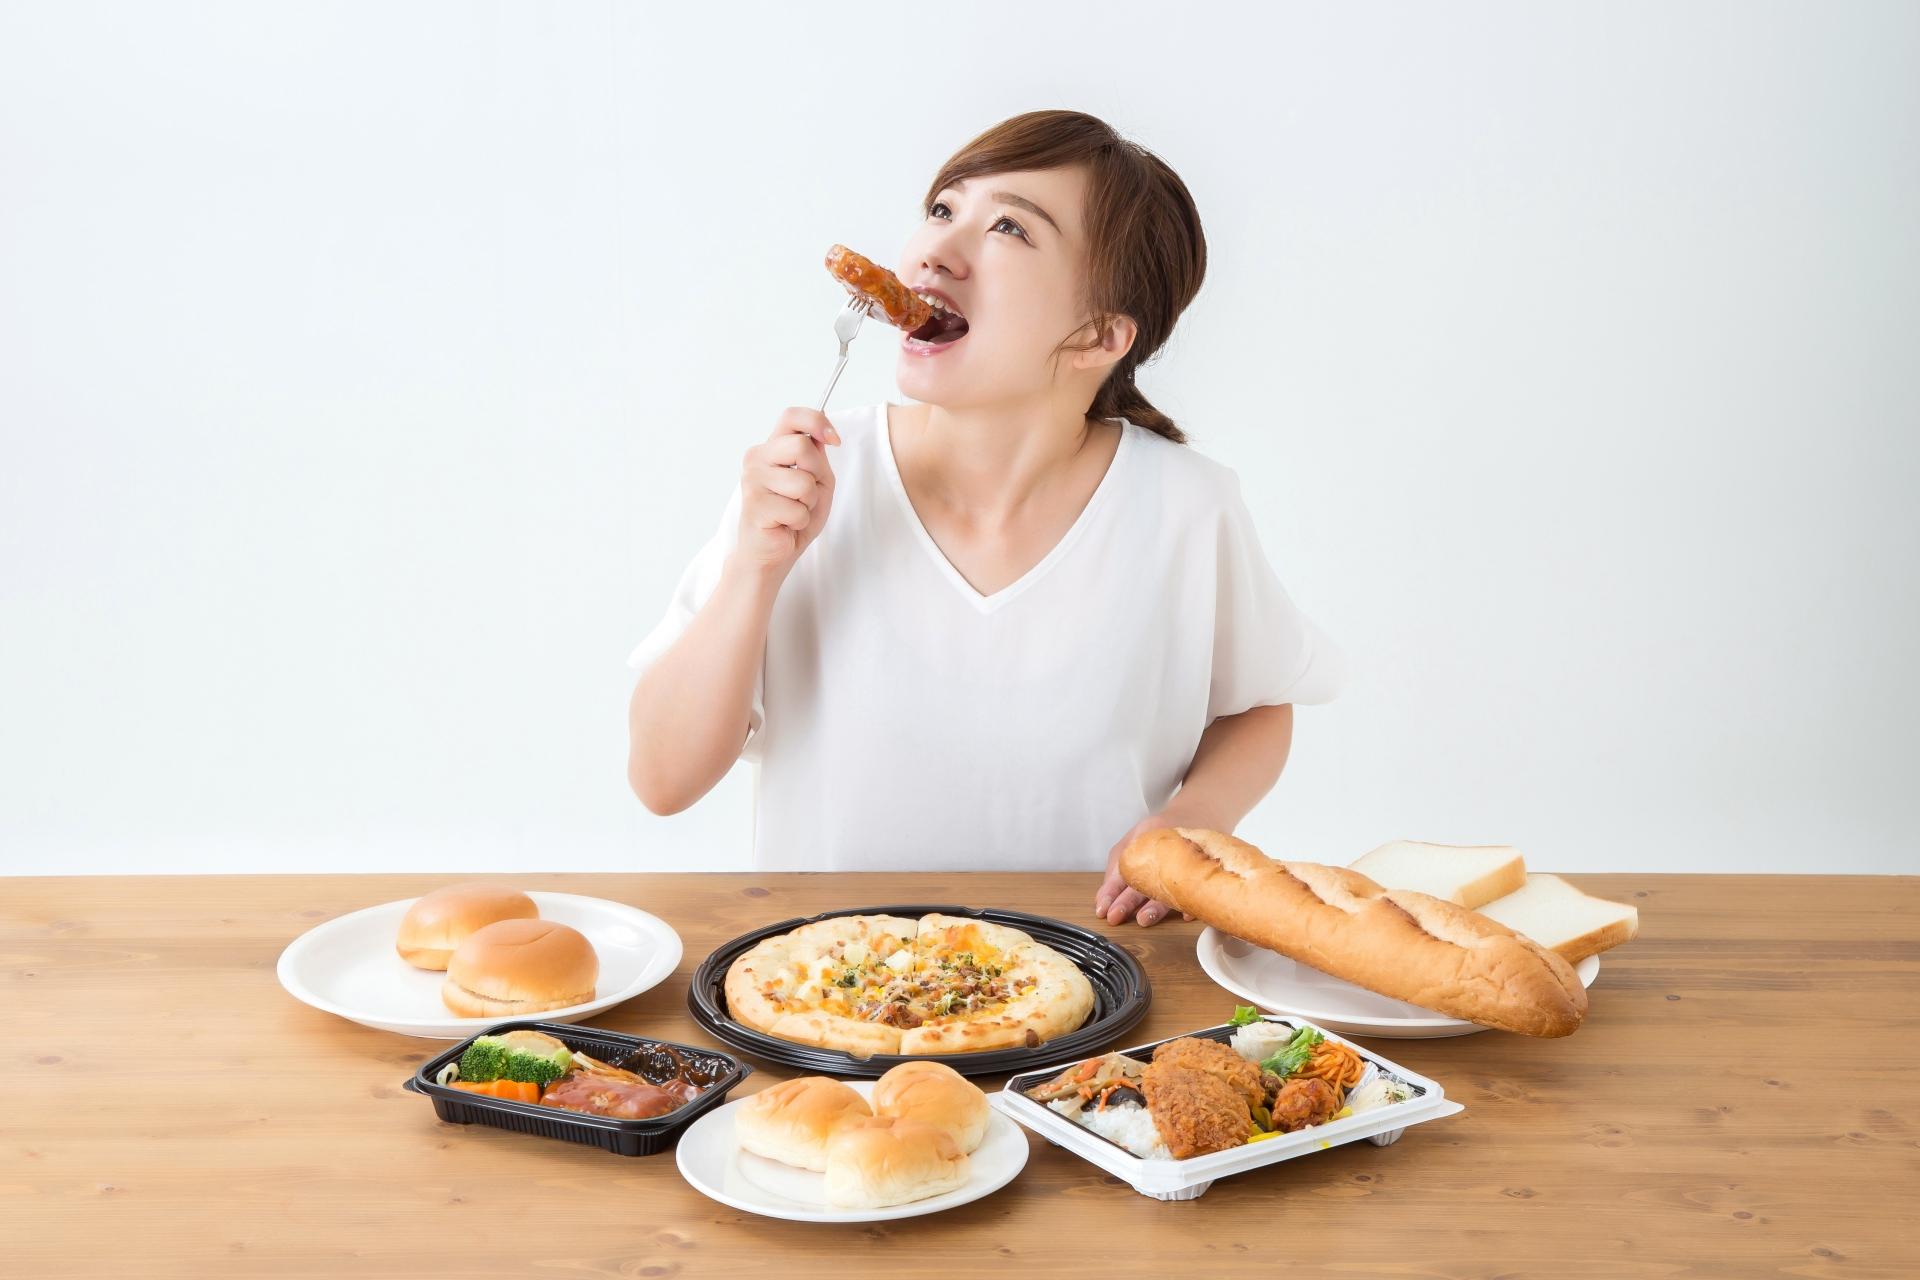 どんな食事でもよく噛める!多彩なメニューを前にする女性